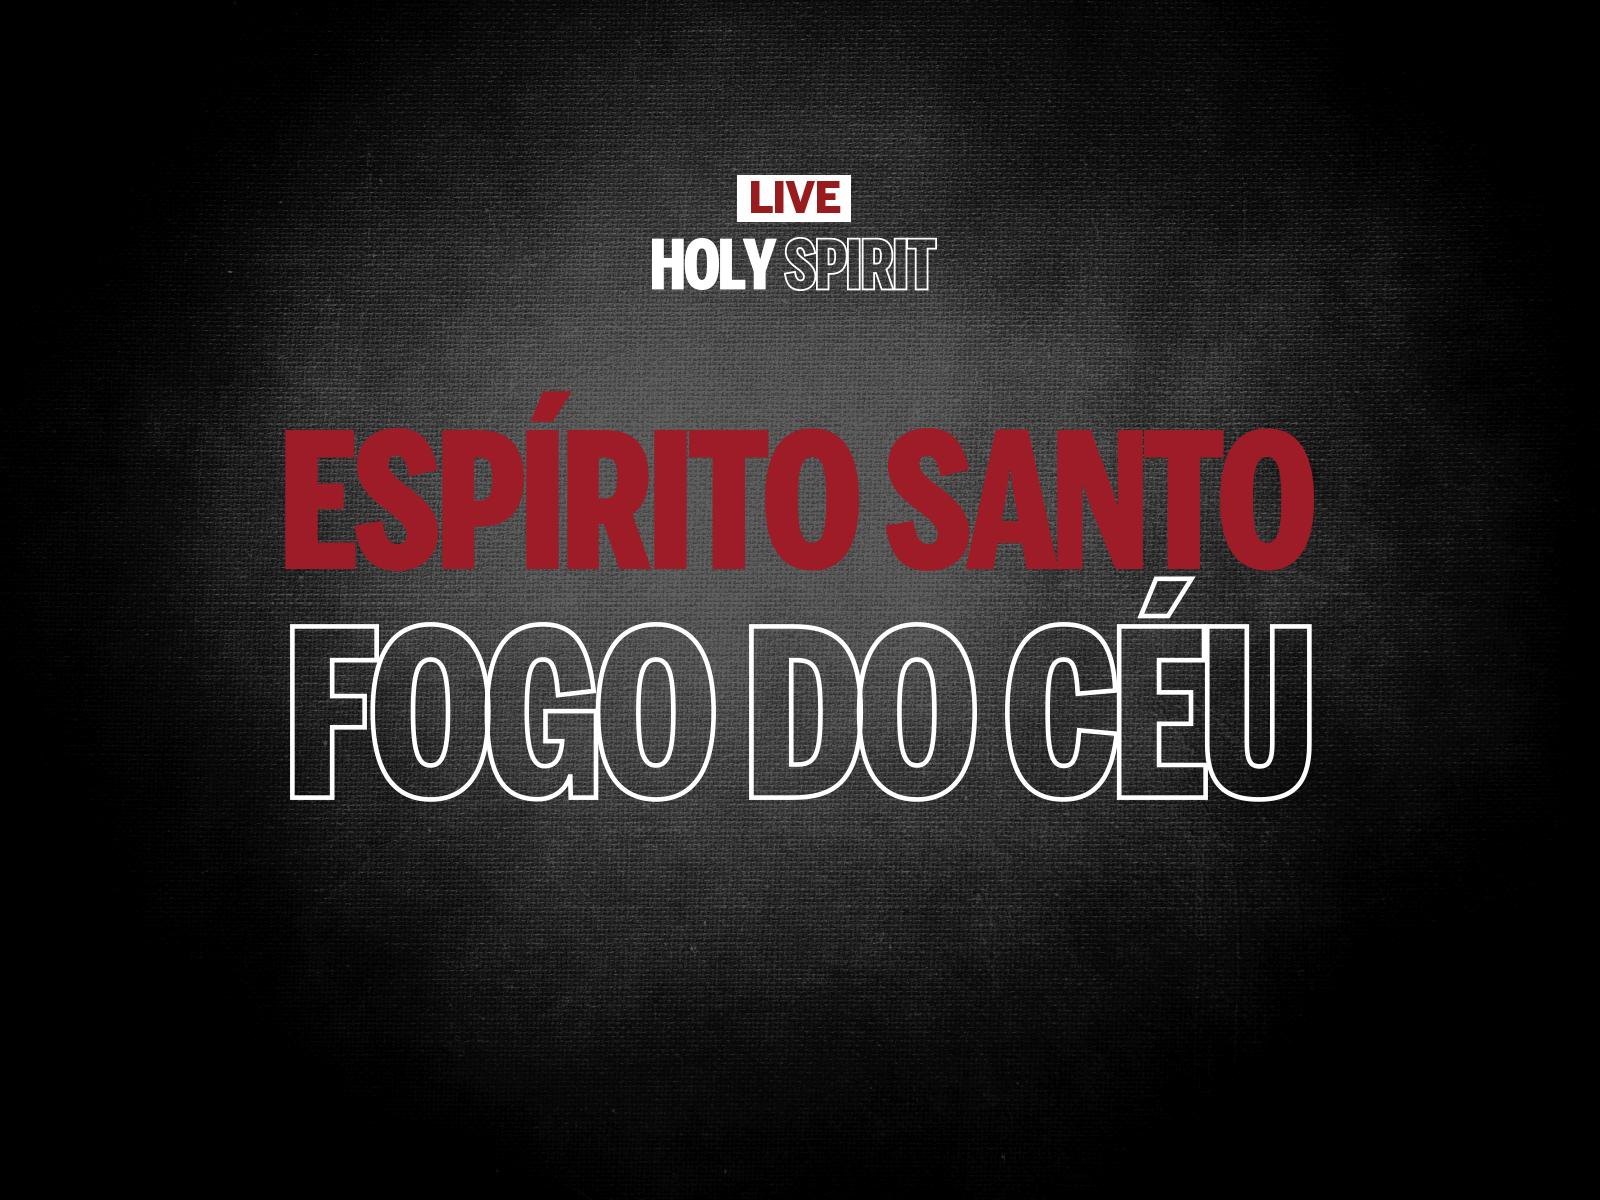 live3_espiritosanto_fogodoceu